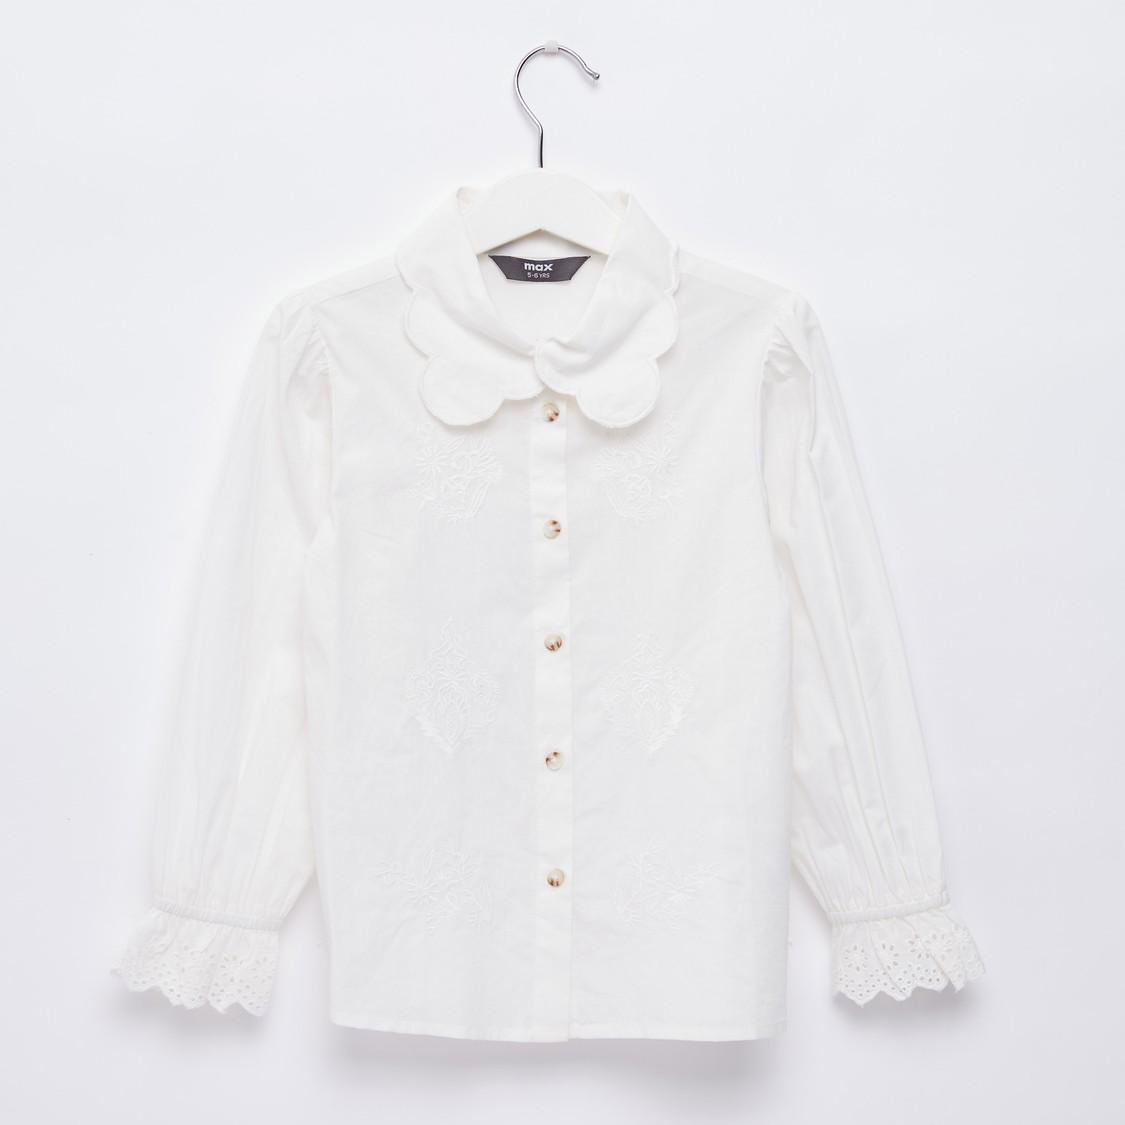 قميص مطرّز بياقة عادية وأكمام طويلة